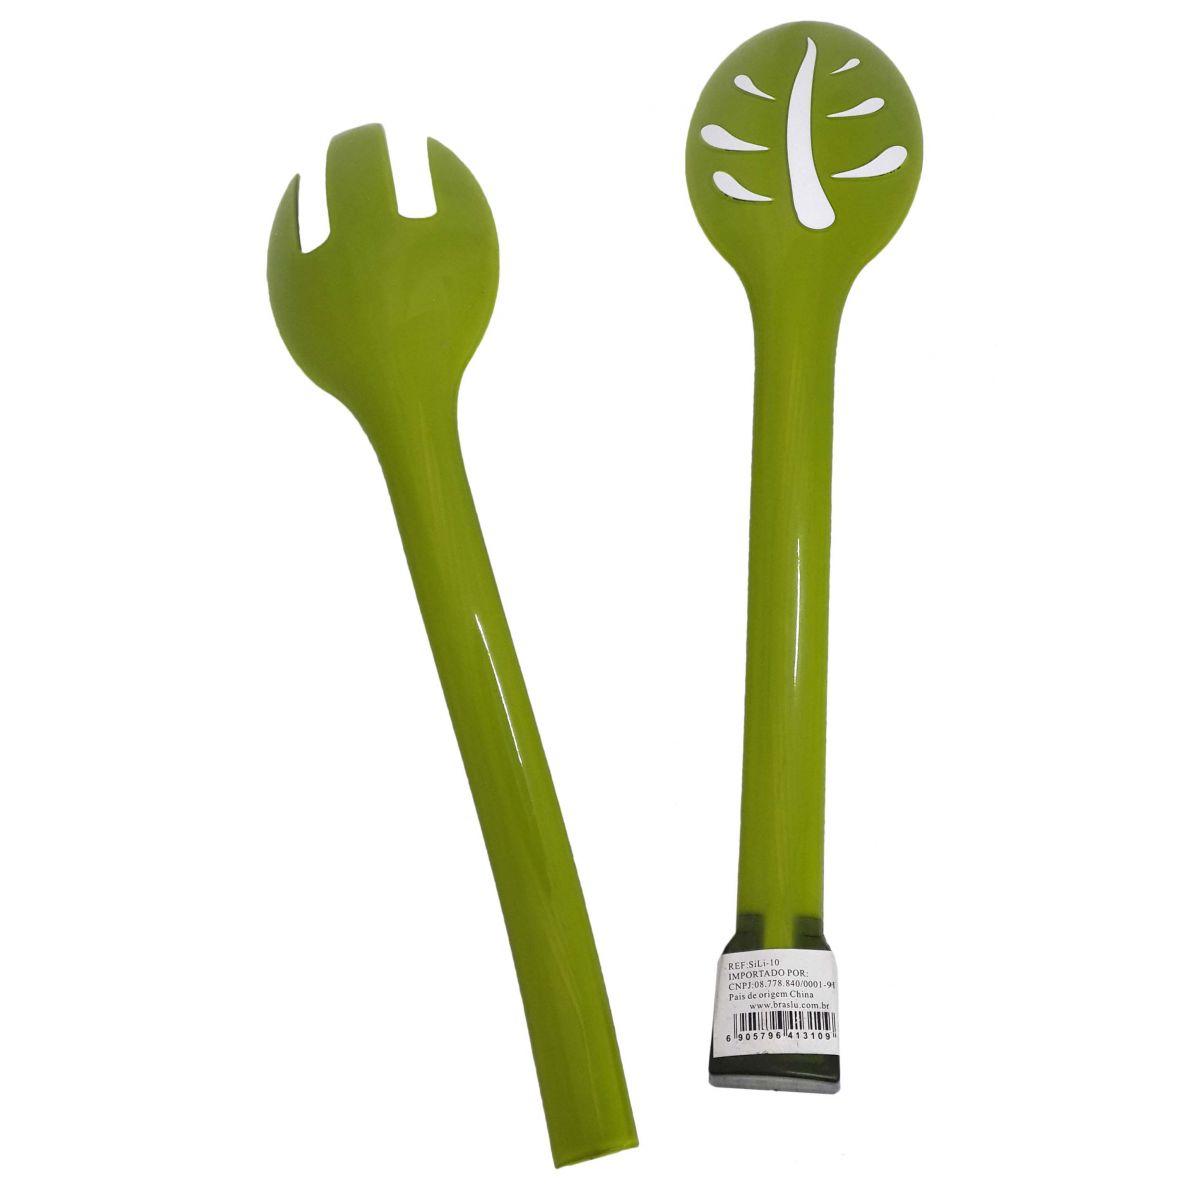 Pegador Universal Para Salada Alimentos Cozinha Plastico Garfo Colher Verde (sili-10)